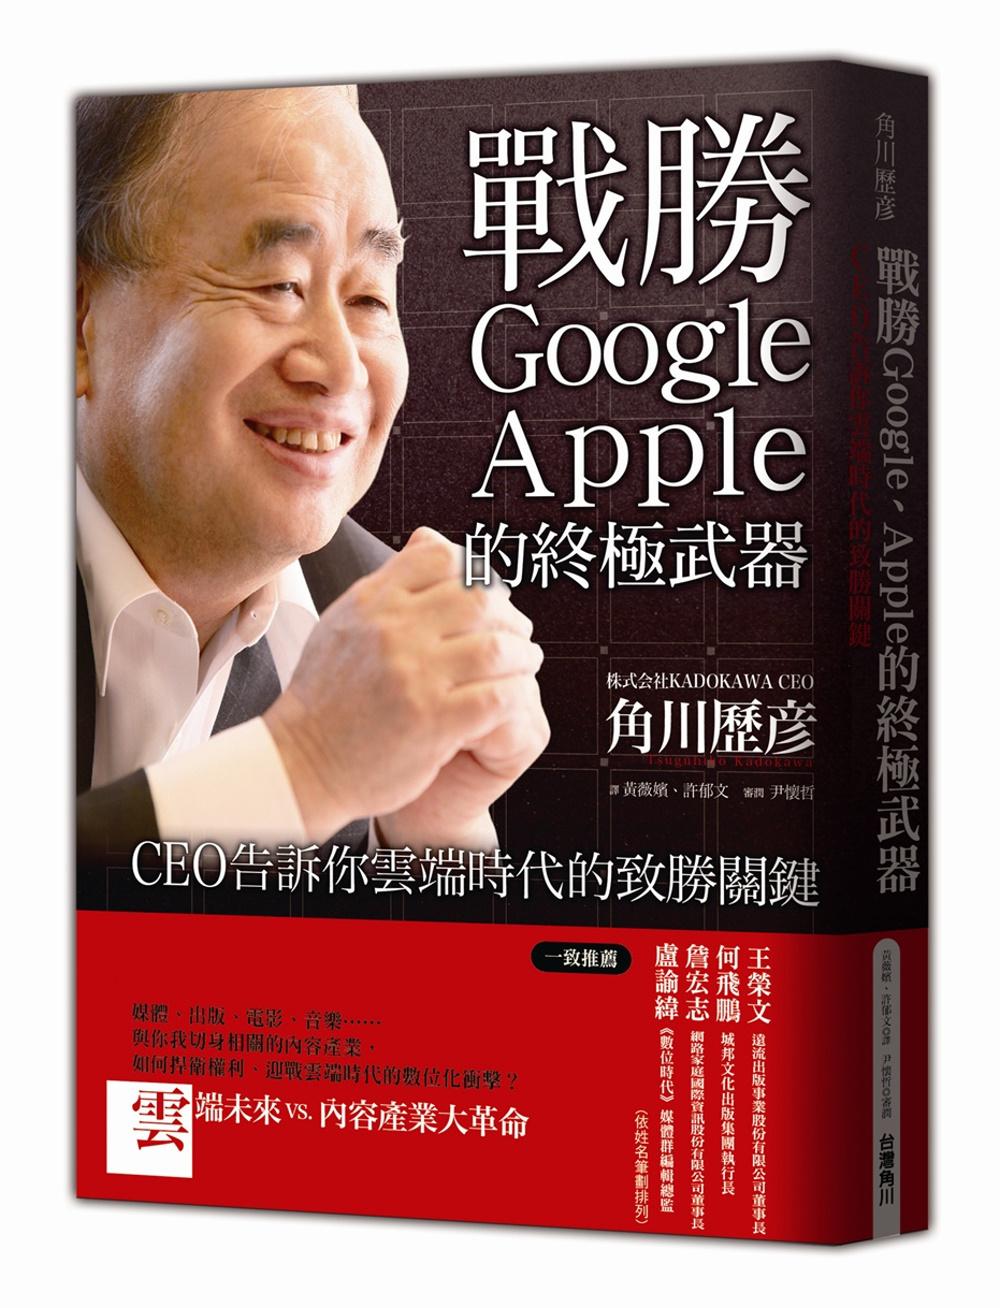 戰勝Google、Apple的終極武器:CEO告訴你雲端時代的致勝關鍵 (親筆簽名版)